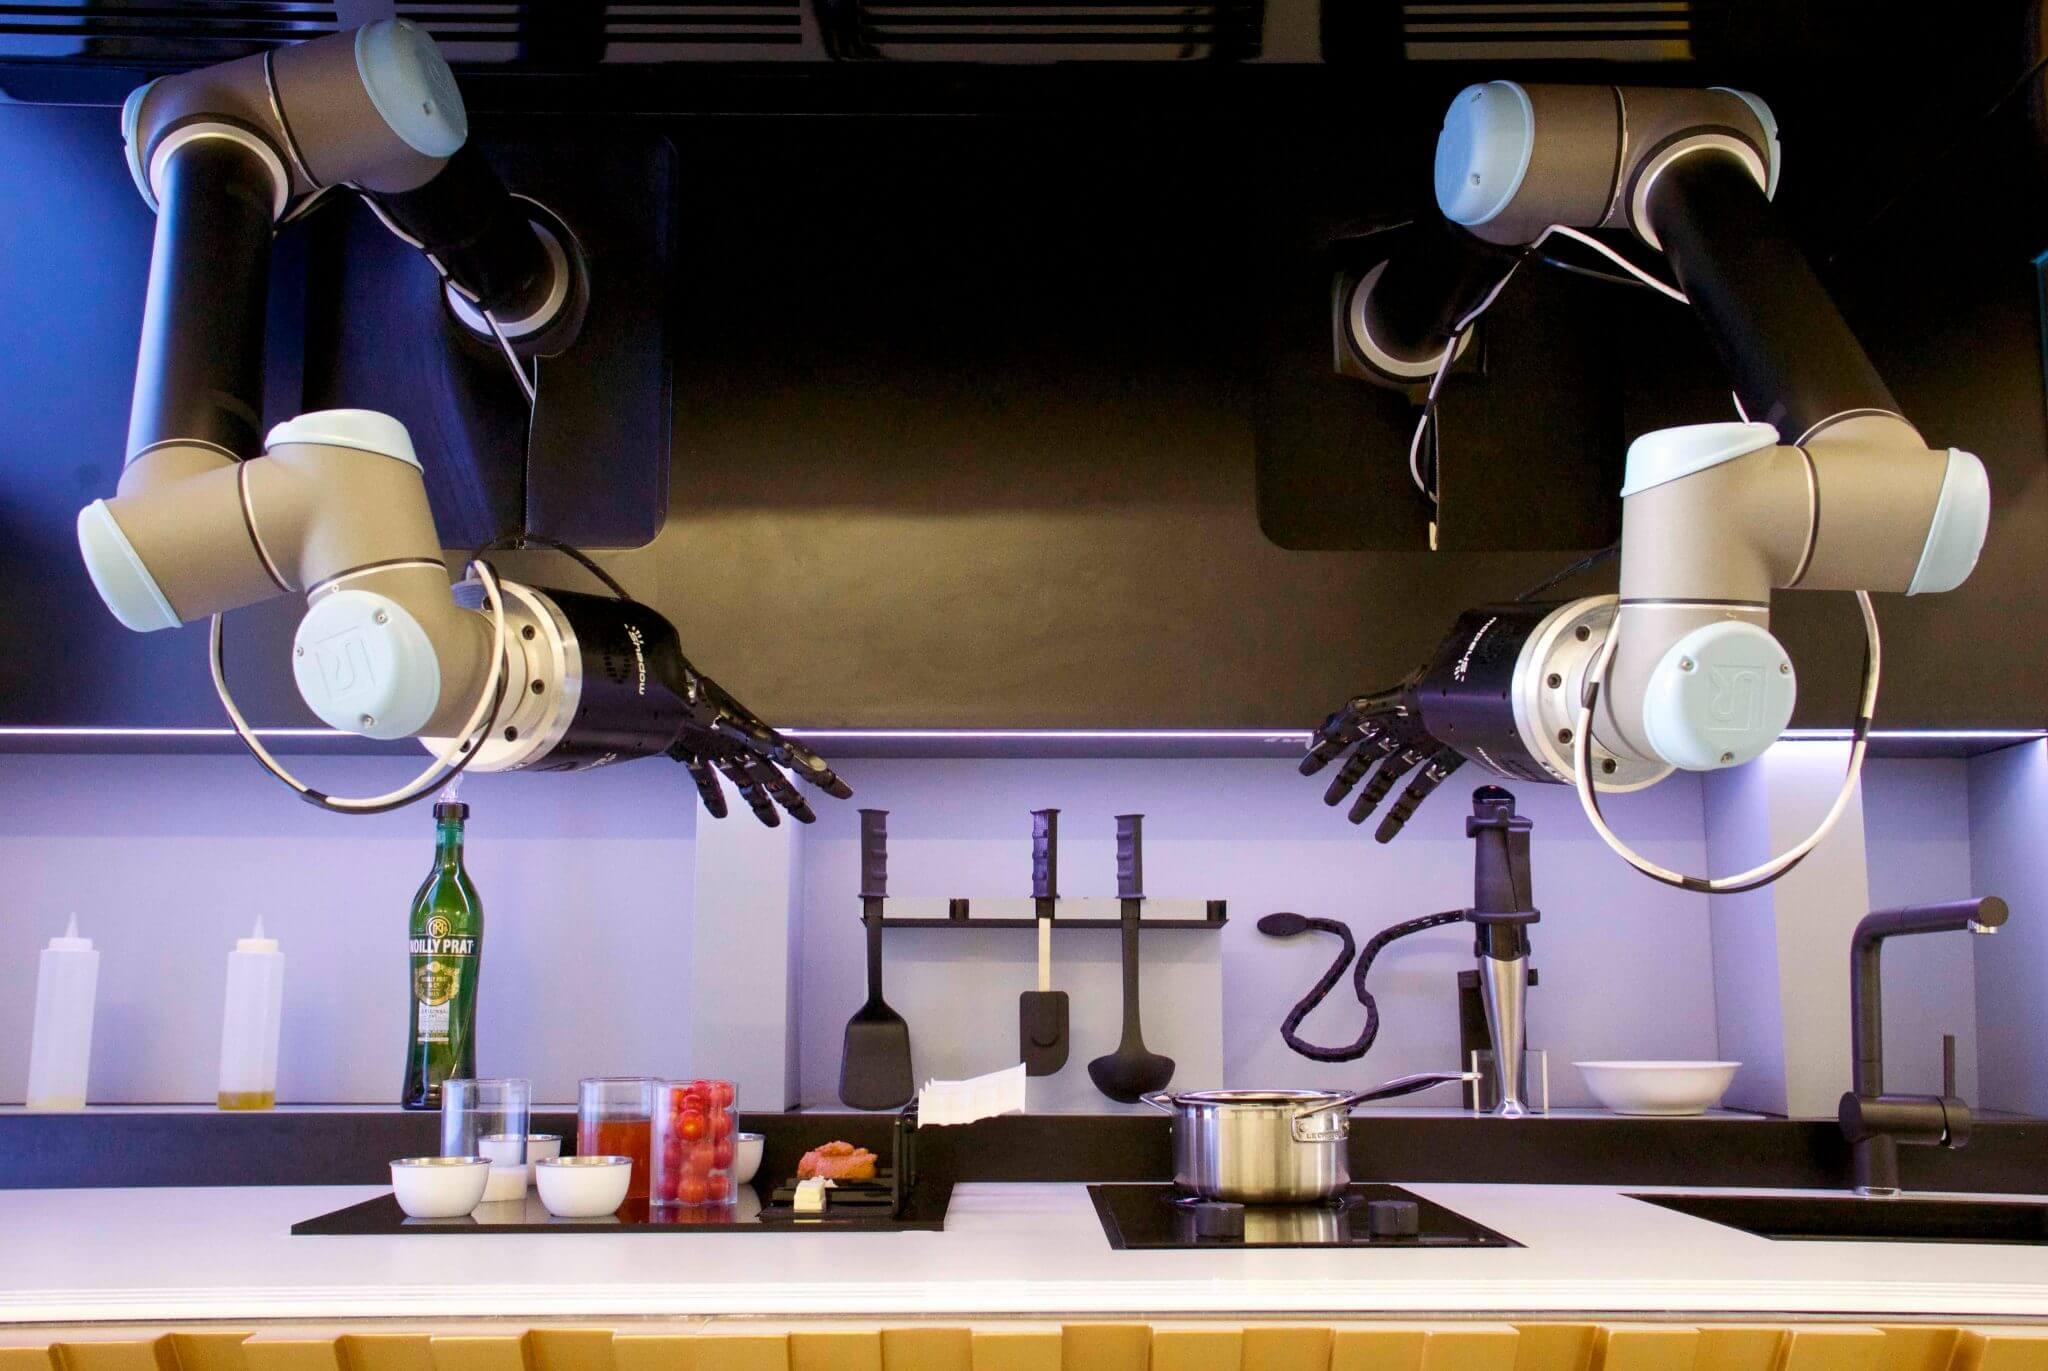 Robo cozinheiro